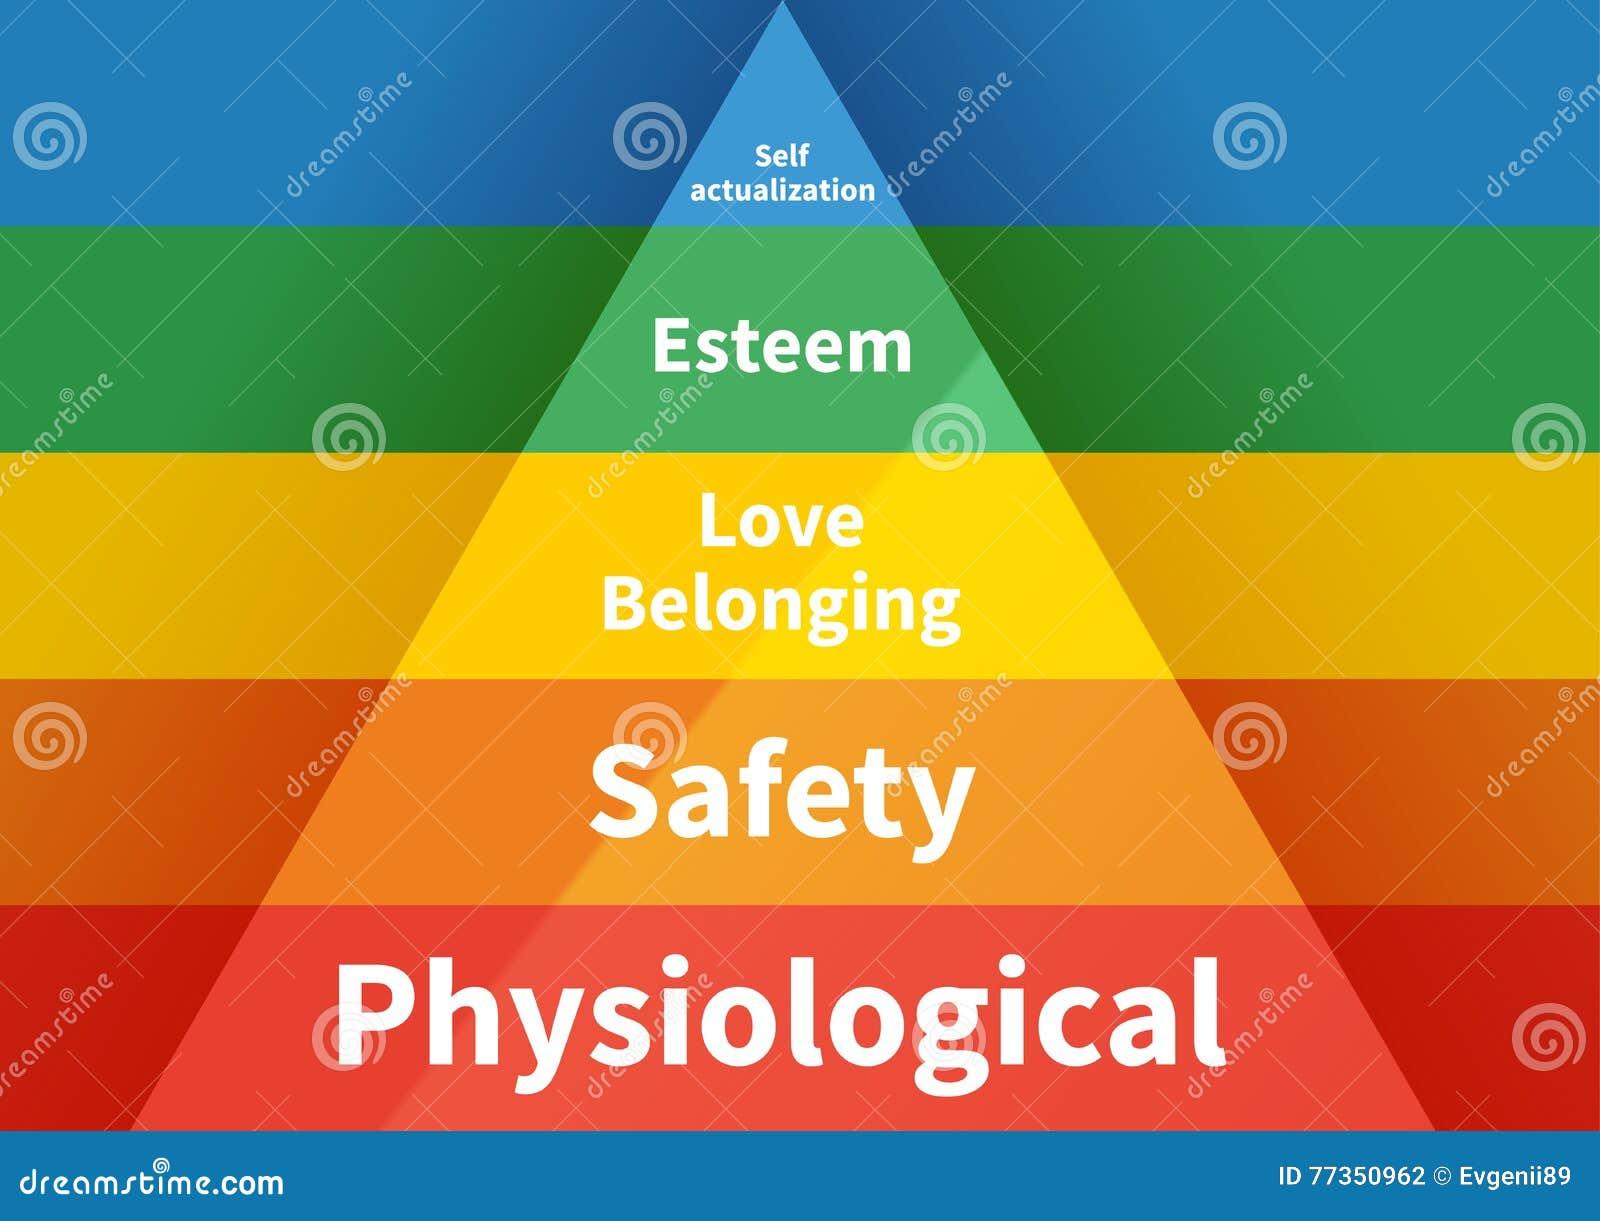 Maslow-Pyramide mit der Hierarchie mit fünf Niveaus des Bedarfs